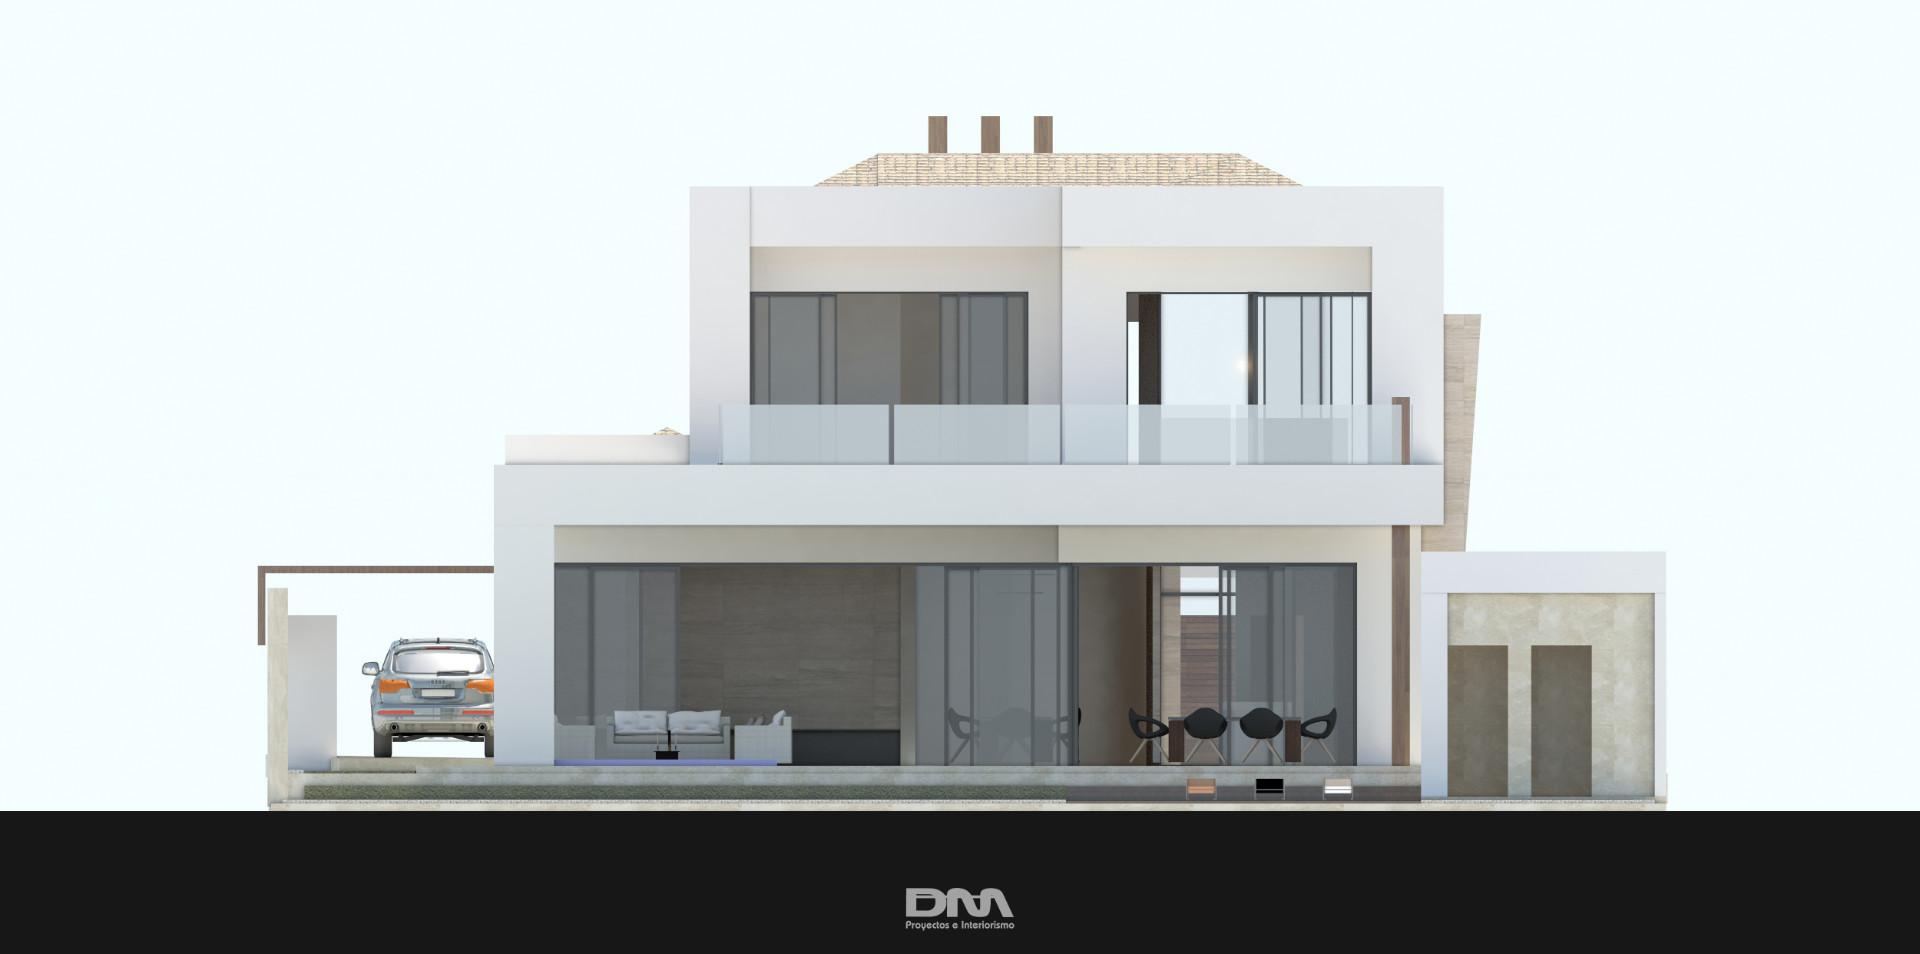 proyectos-interiorismo-interioristas-diseno-interiores-viviendas-particulares-chalets-adosados-lujo-30